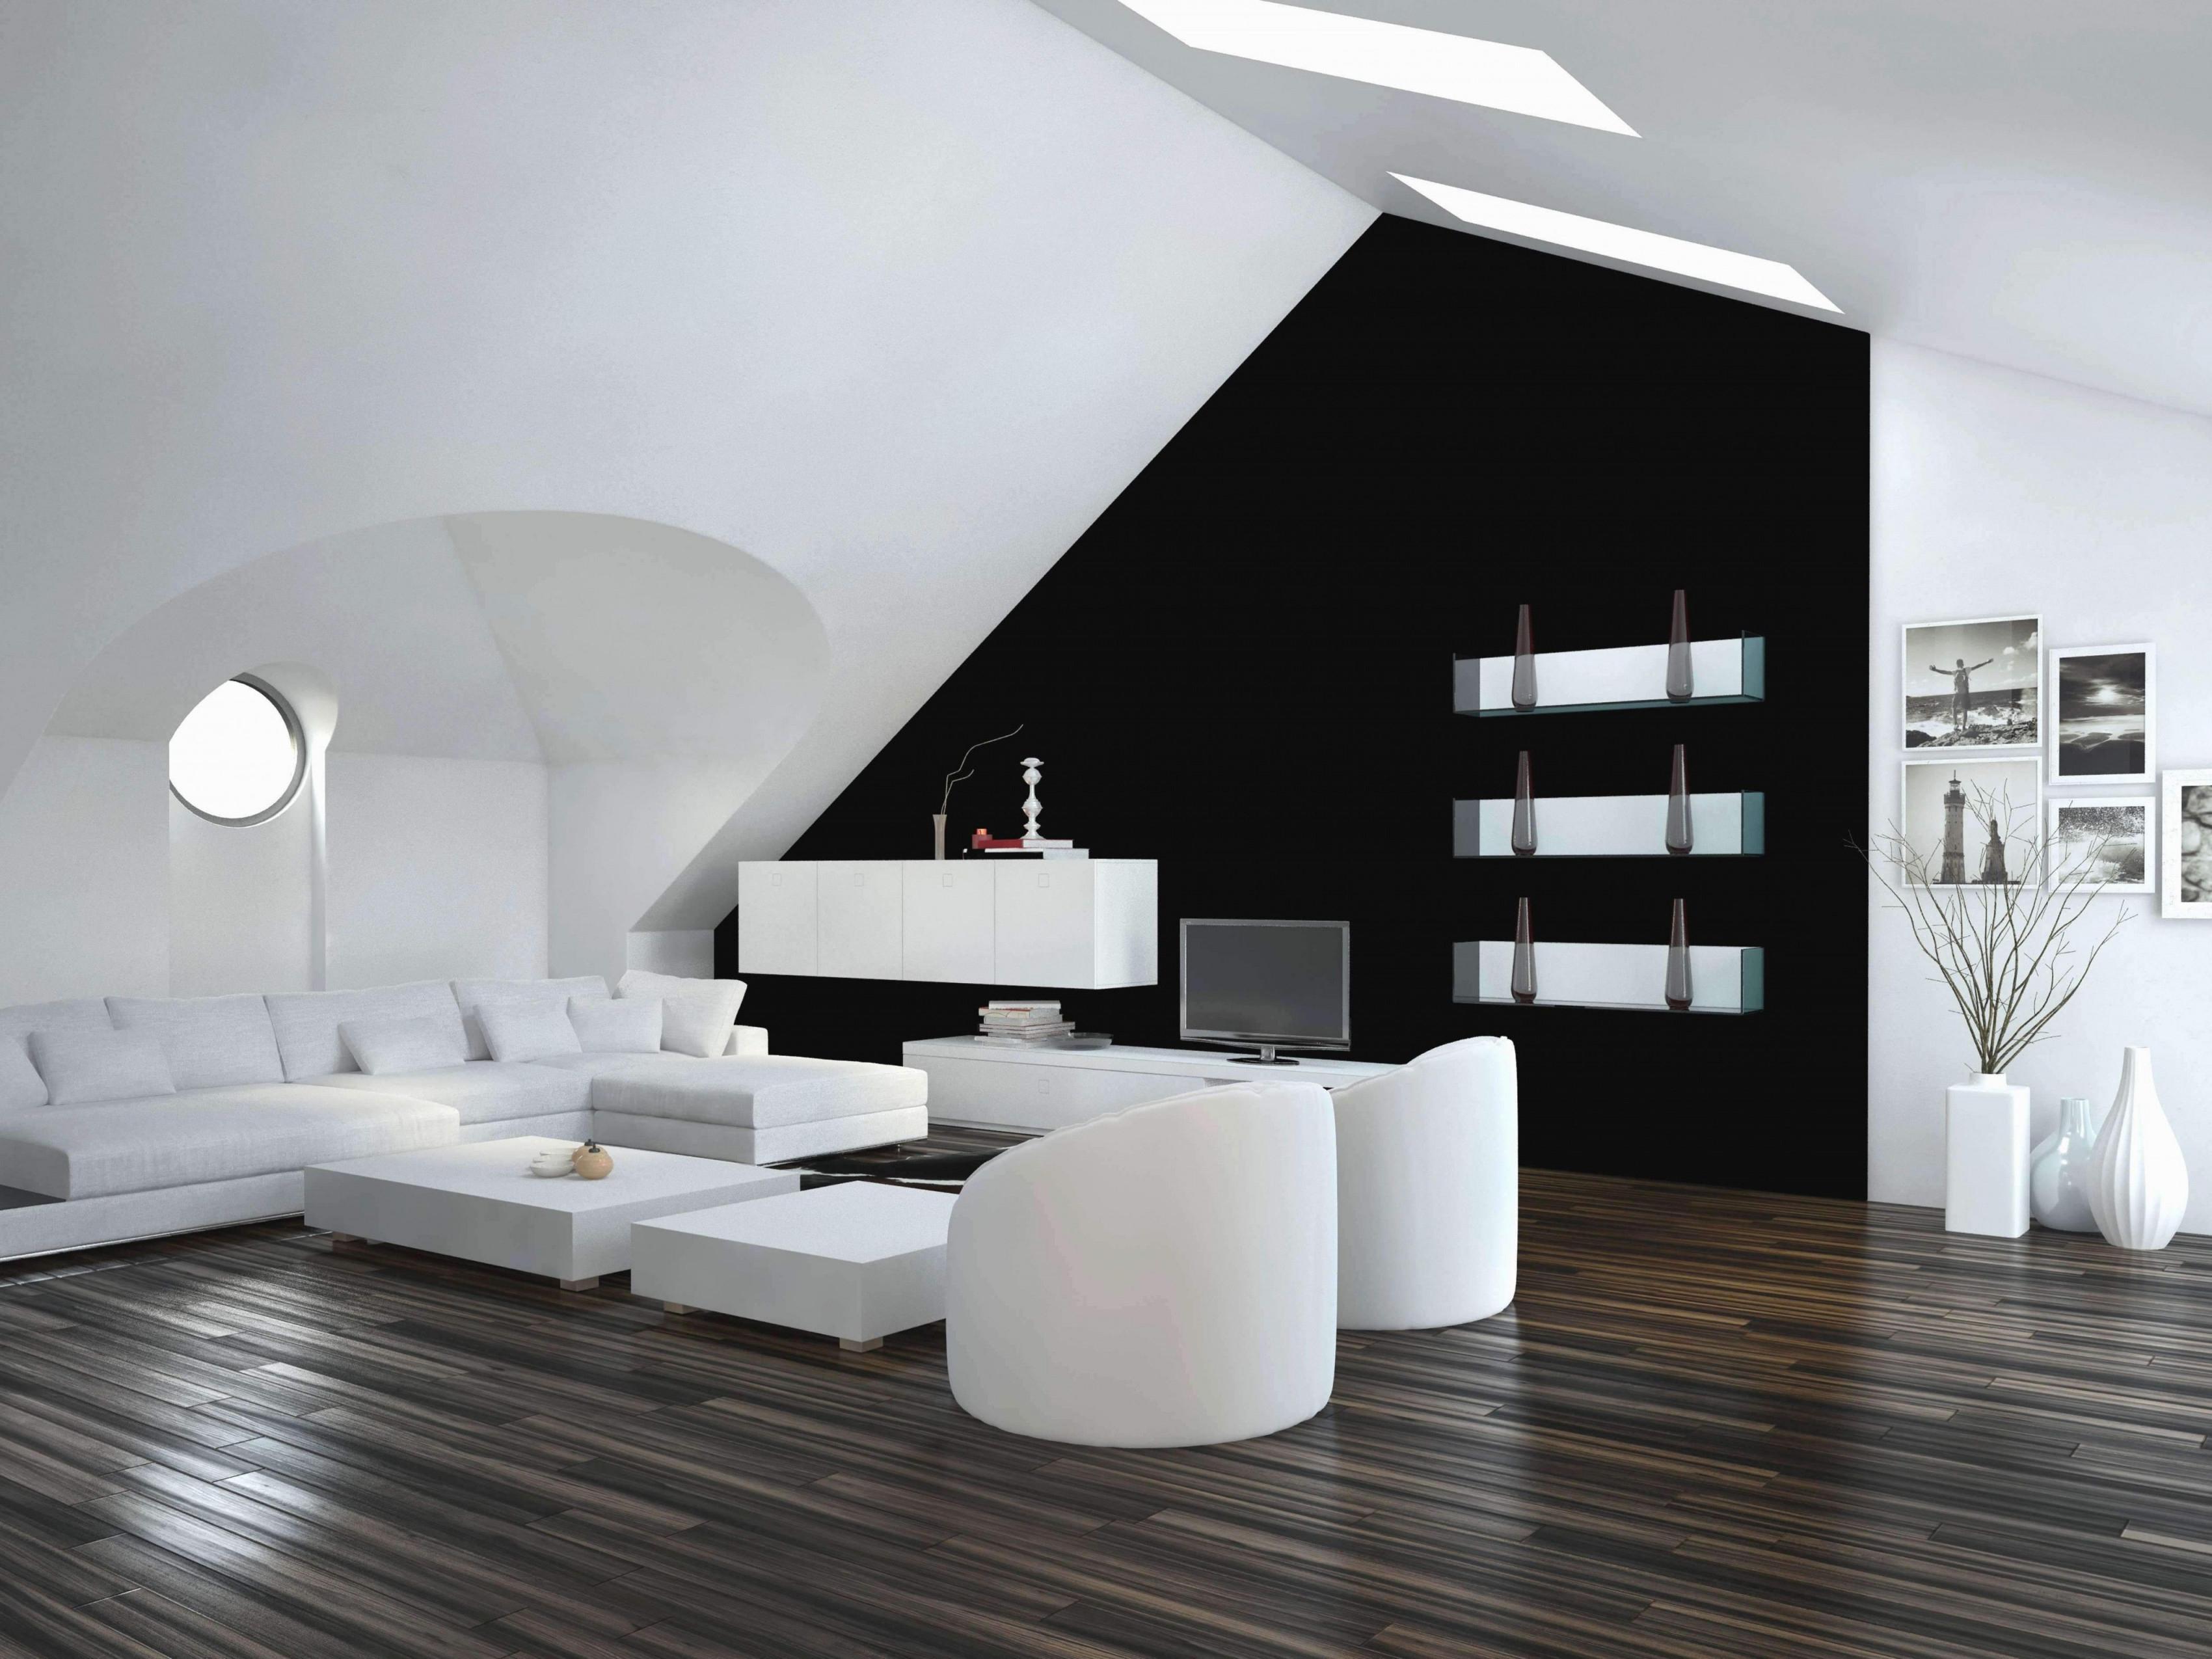 Einzigartig Dekoration Wohnzimmer Ideen Von Dekoration Für von Deko Wohnzimmer Silber Bild